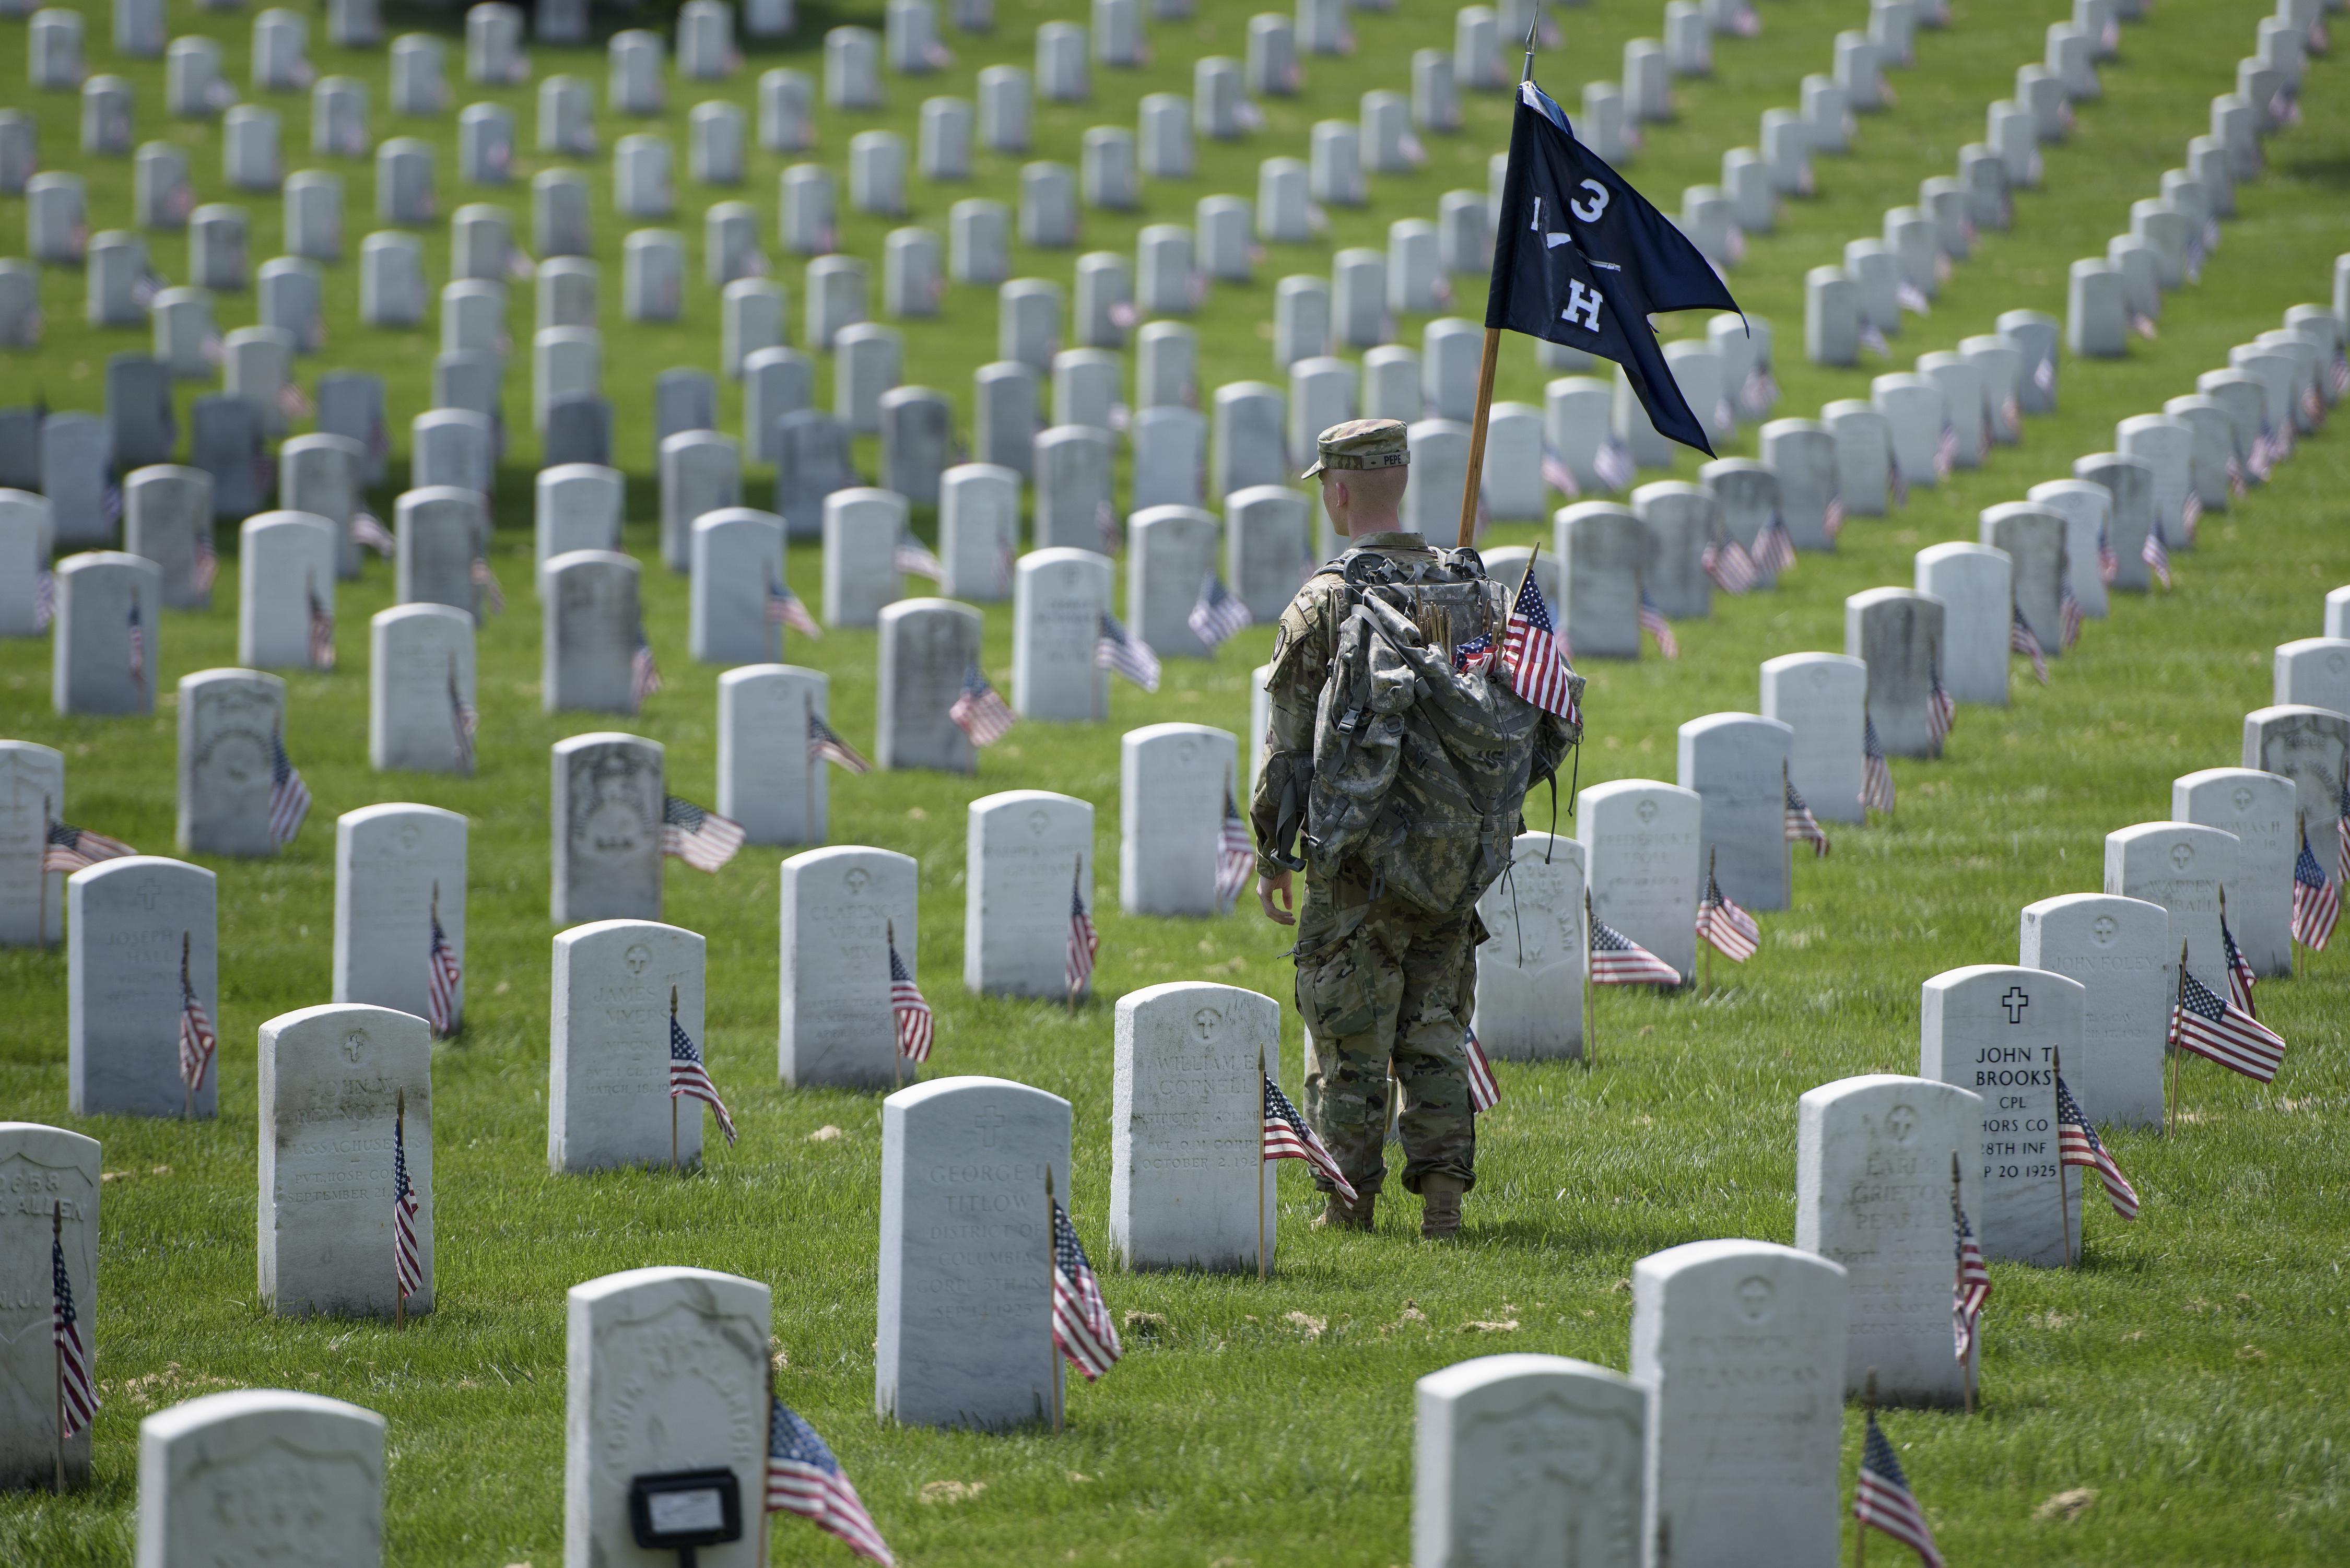 جندي أميركي في مقبرة أرلينغتون الوطنية القريبة من العاصمة واشنطن